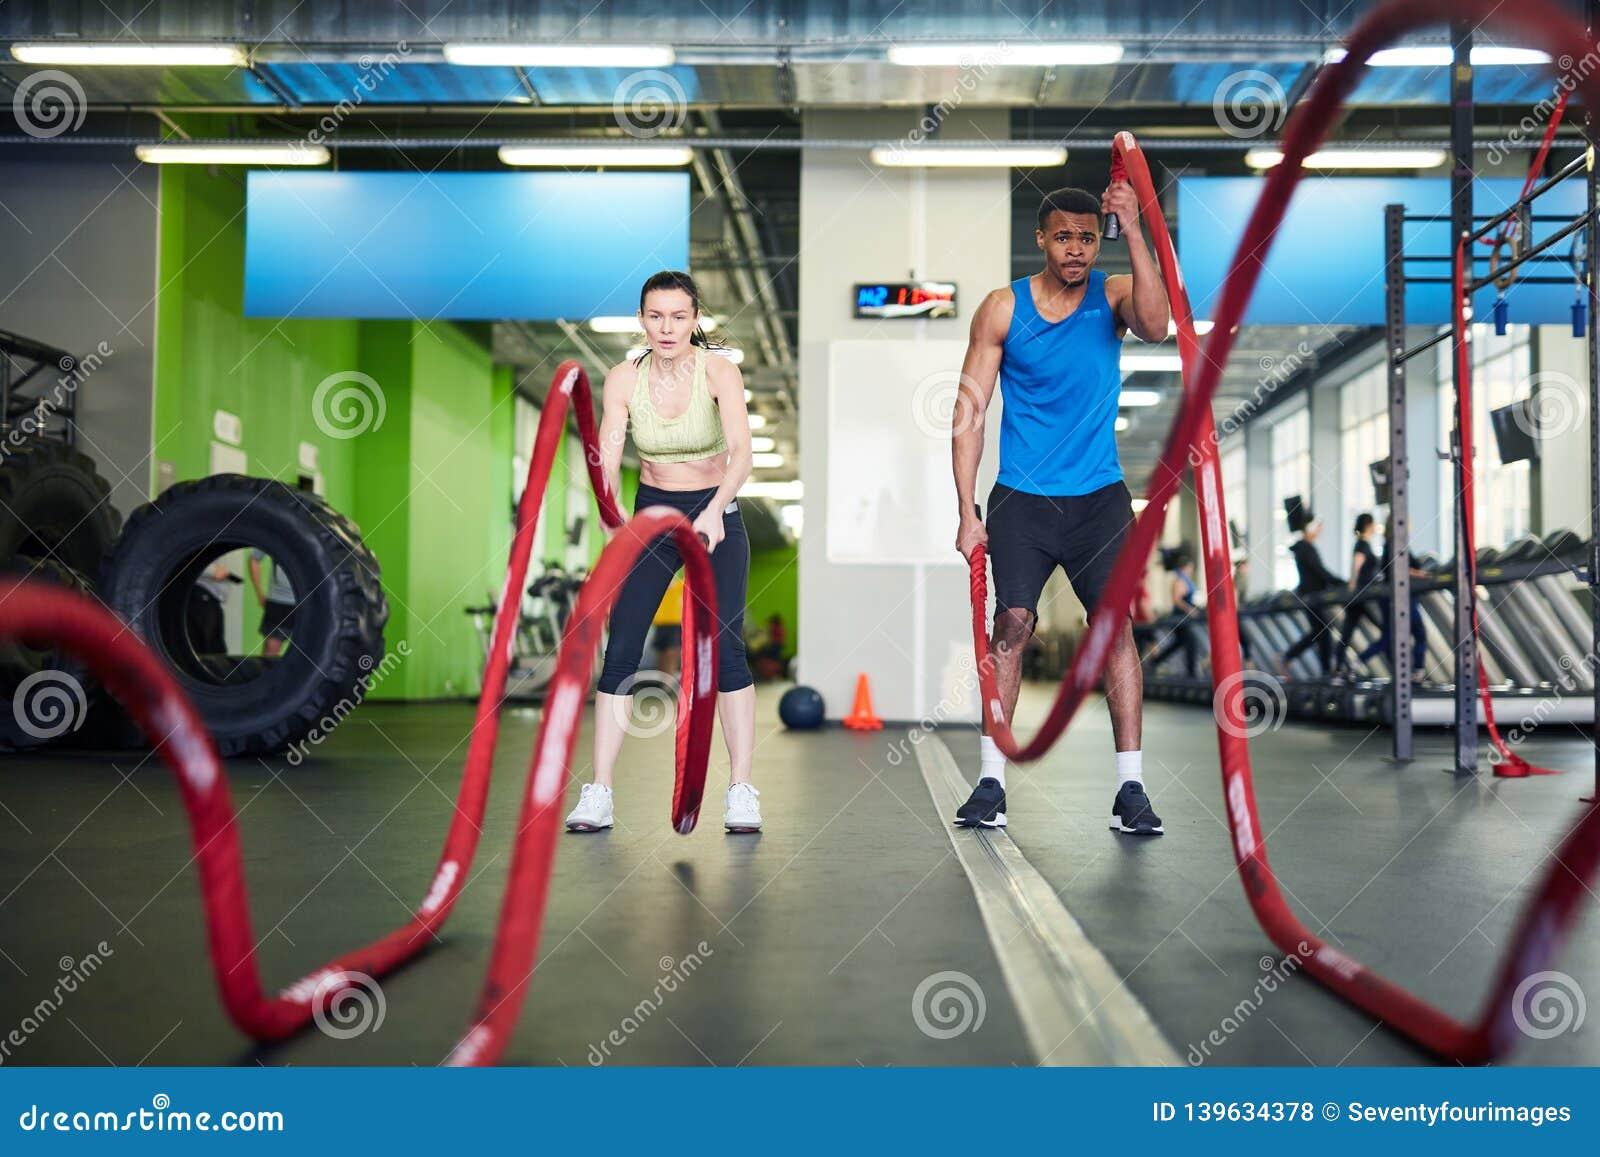 Athletes training stock photo. Image of together, effort - 139634378